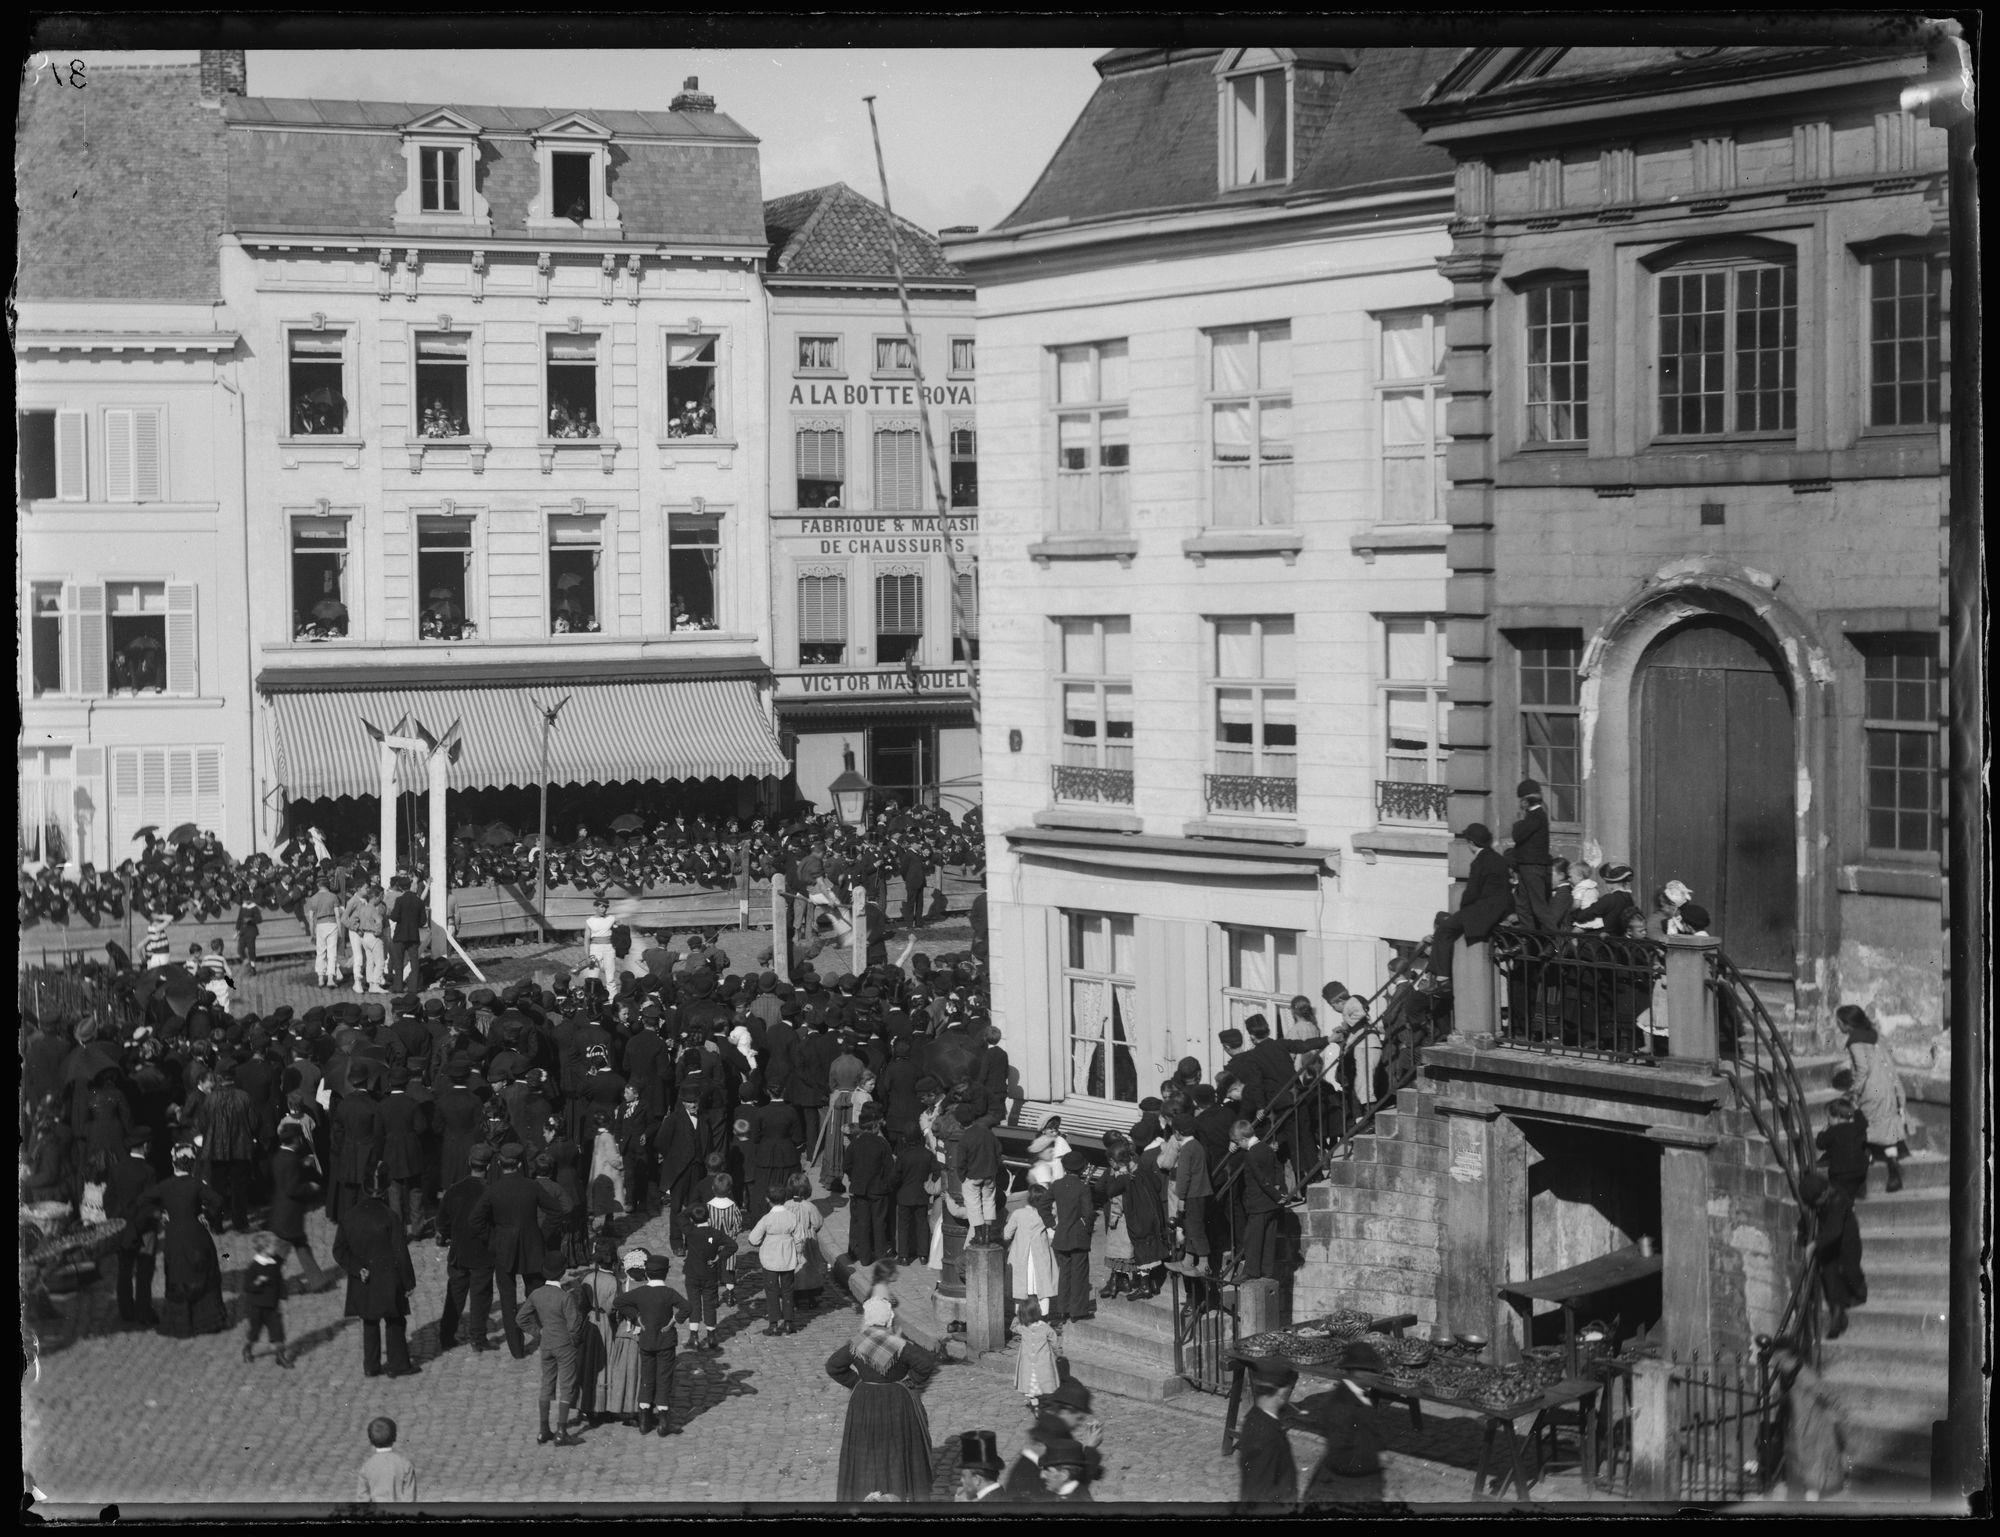 Turnfeesten op de Grote Markt in 1882